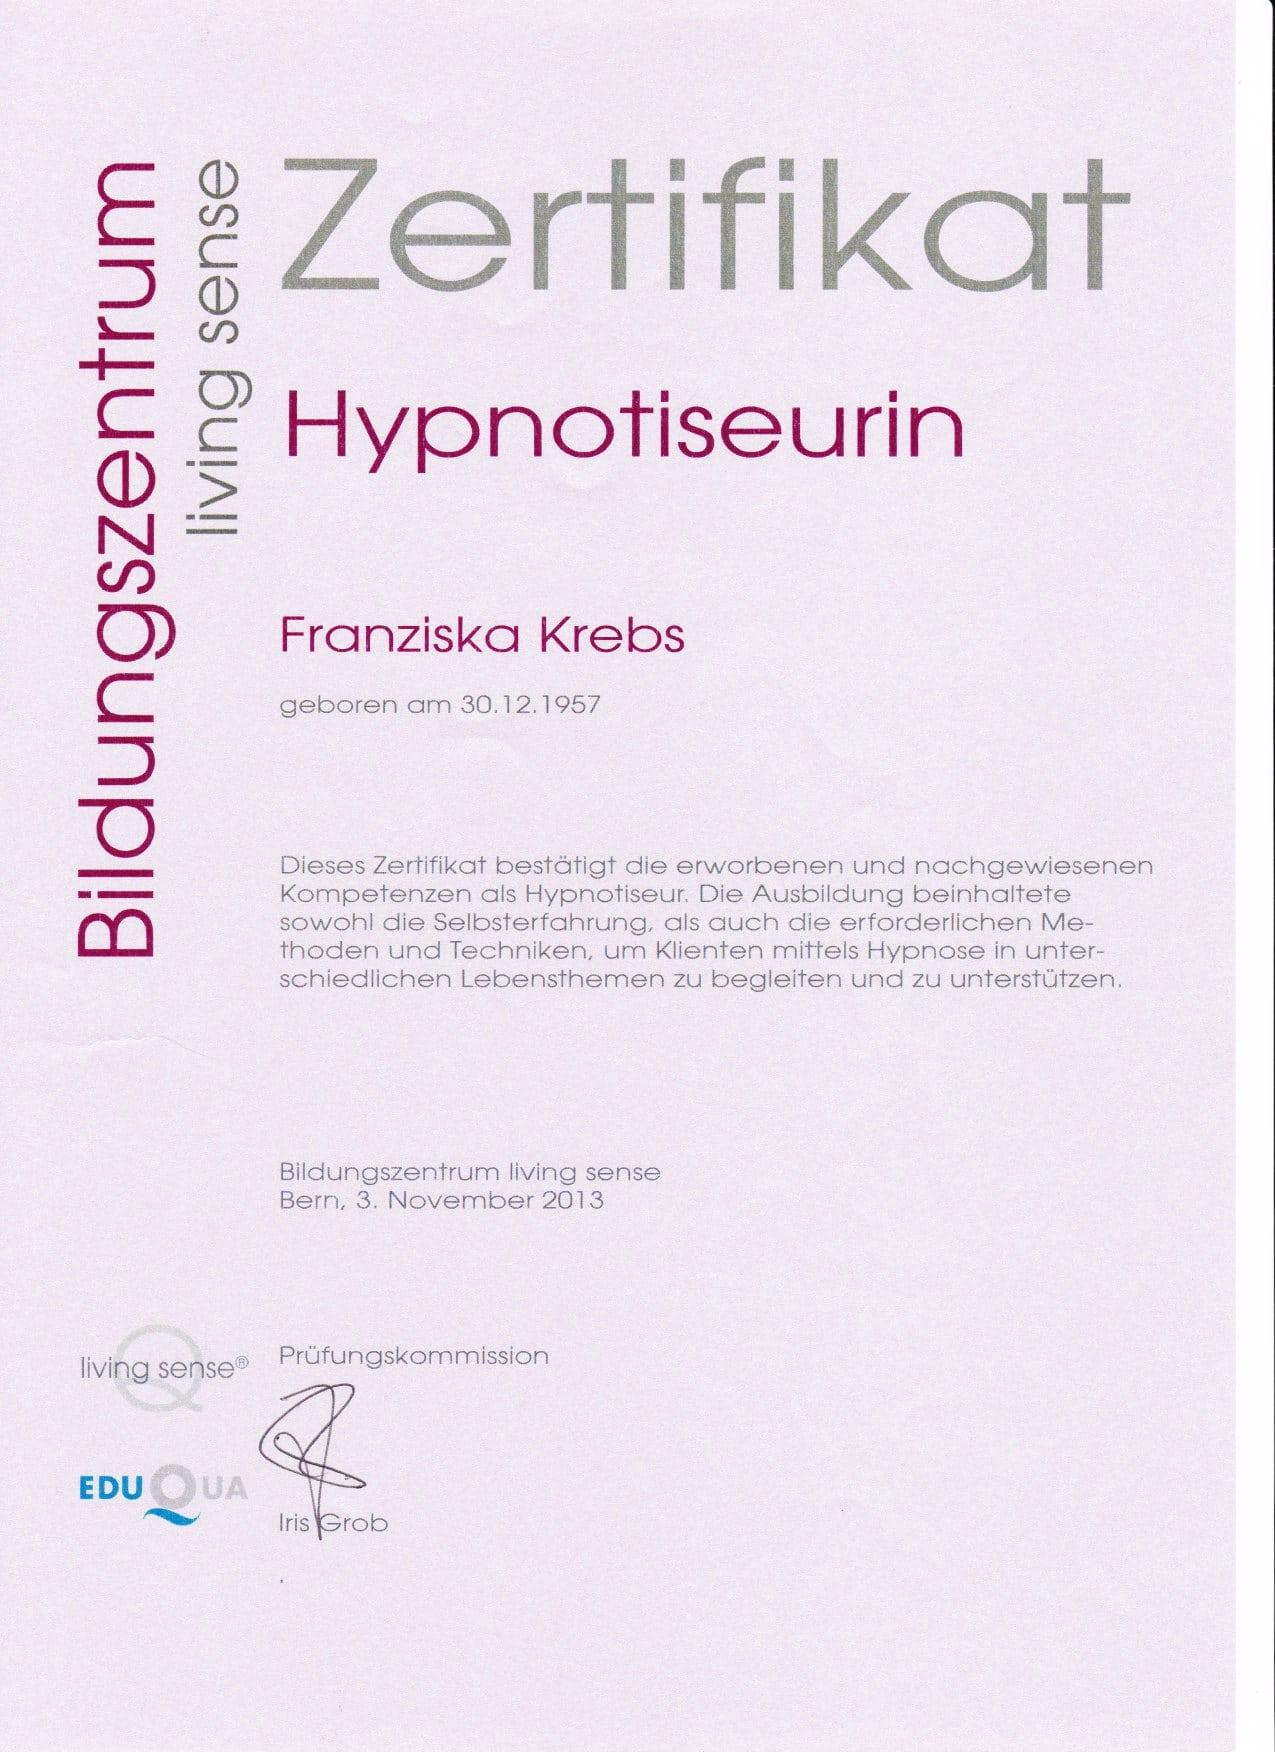 Zertifikat Hypnotiserurin